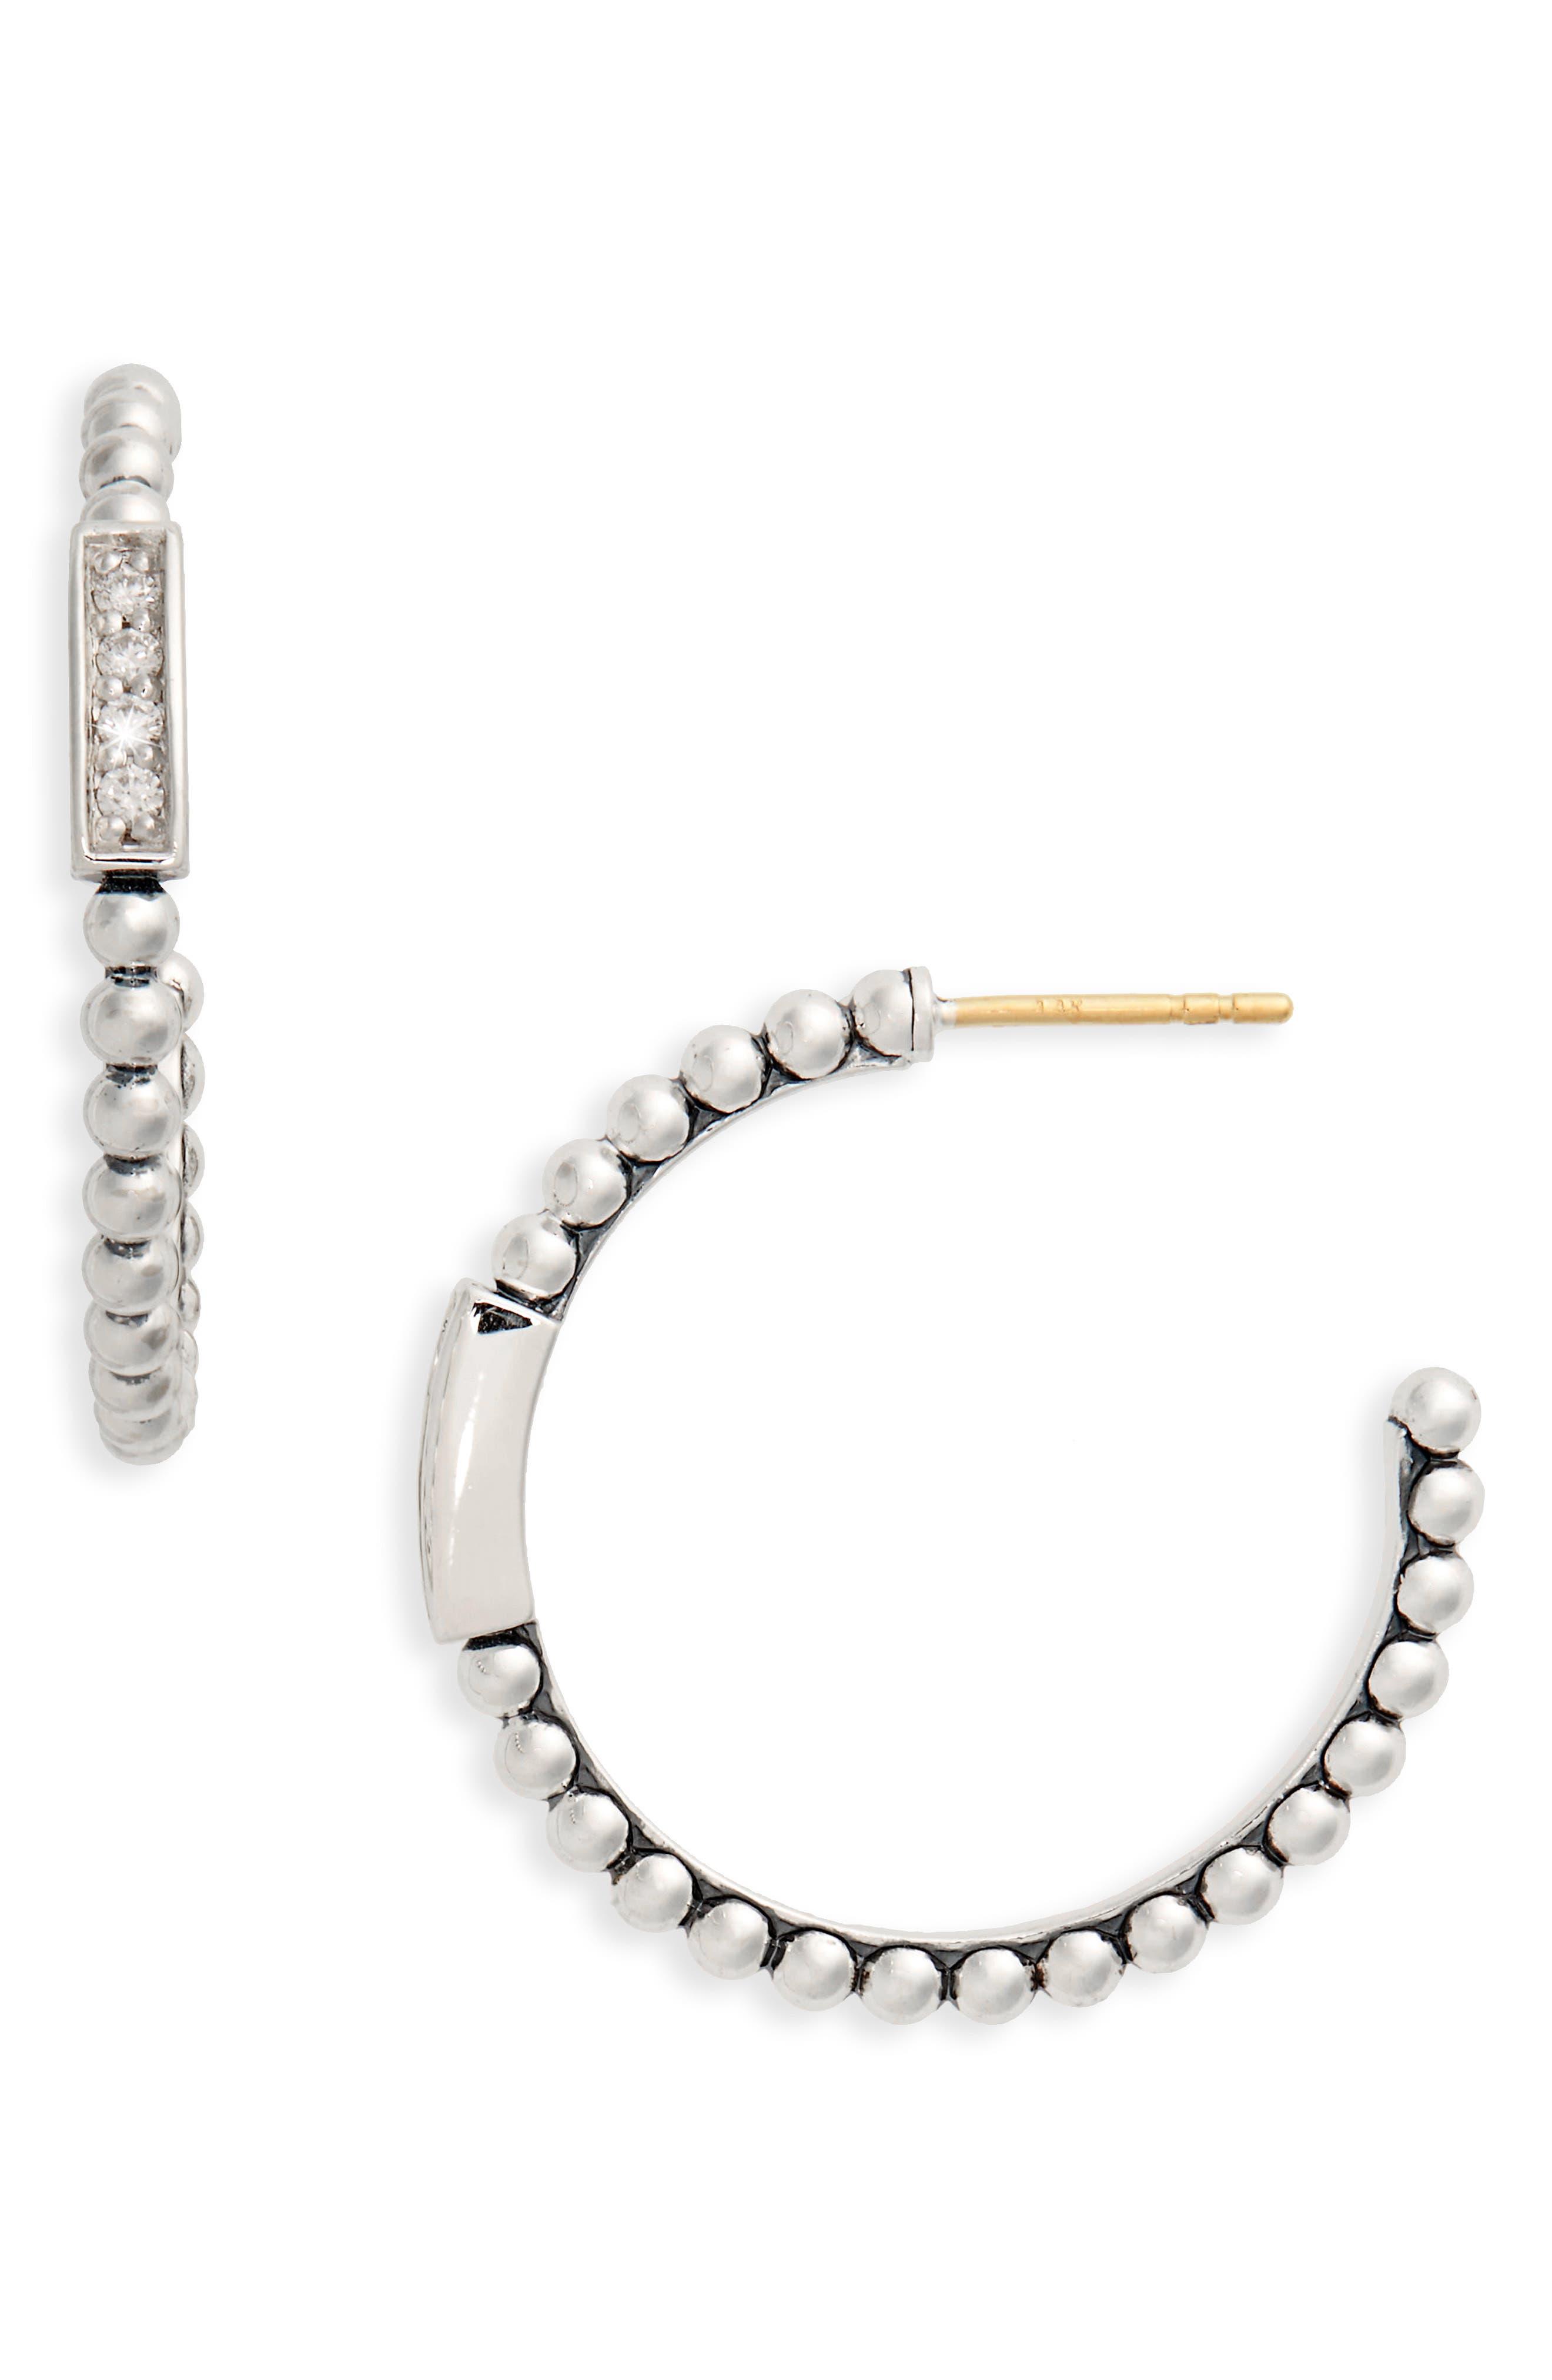 Caviar Spark Diamond Hoop Earrings,                         Main,                         color, SILVER/ DIAMOND